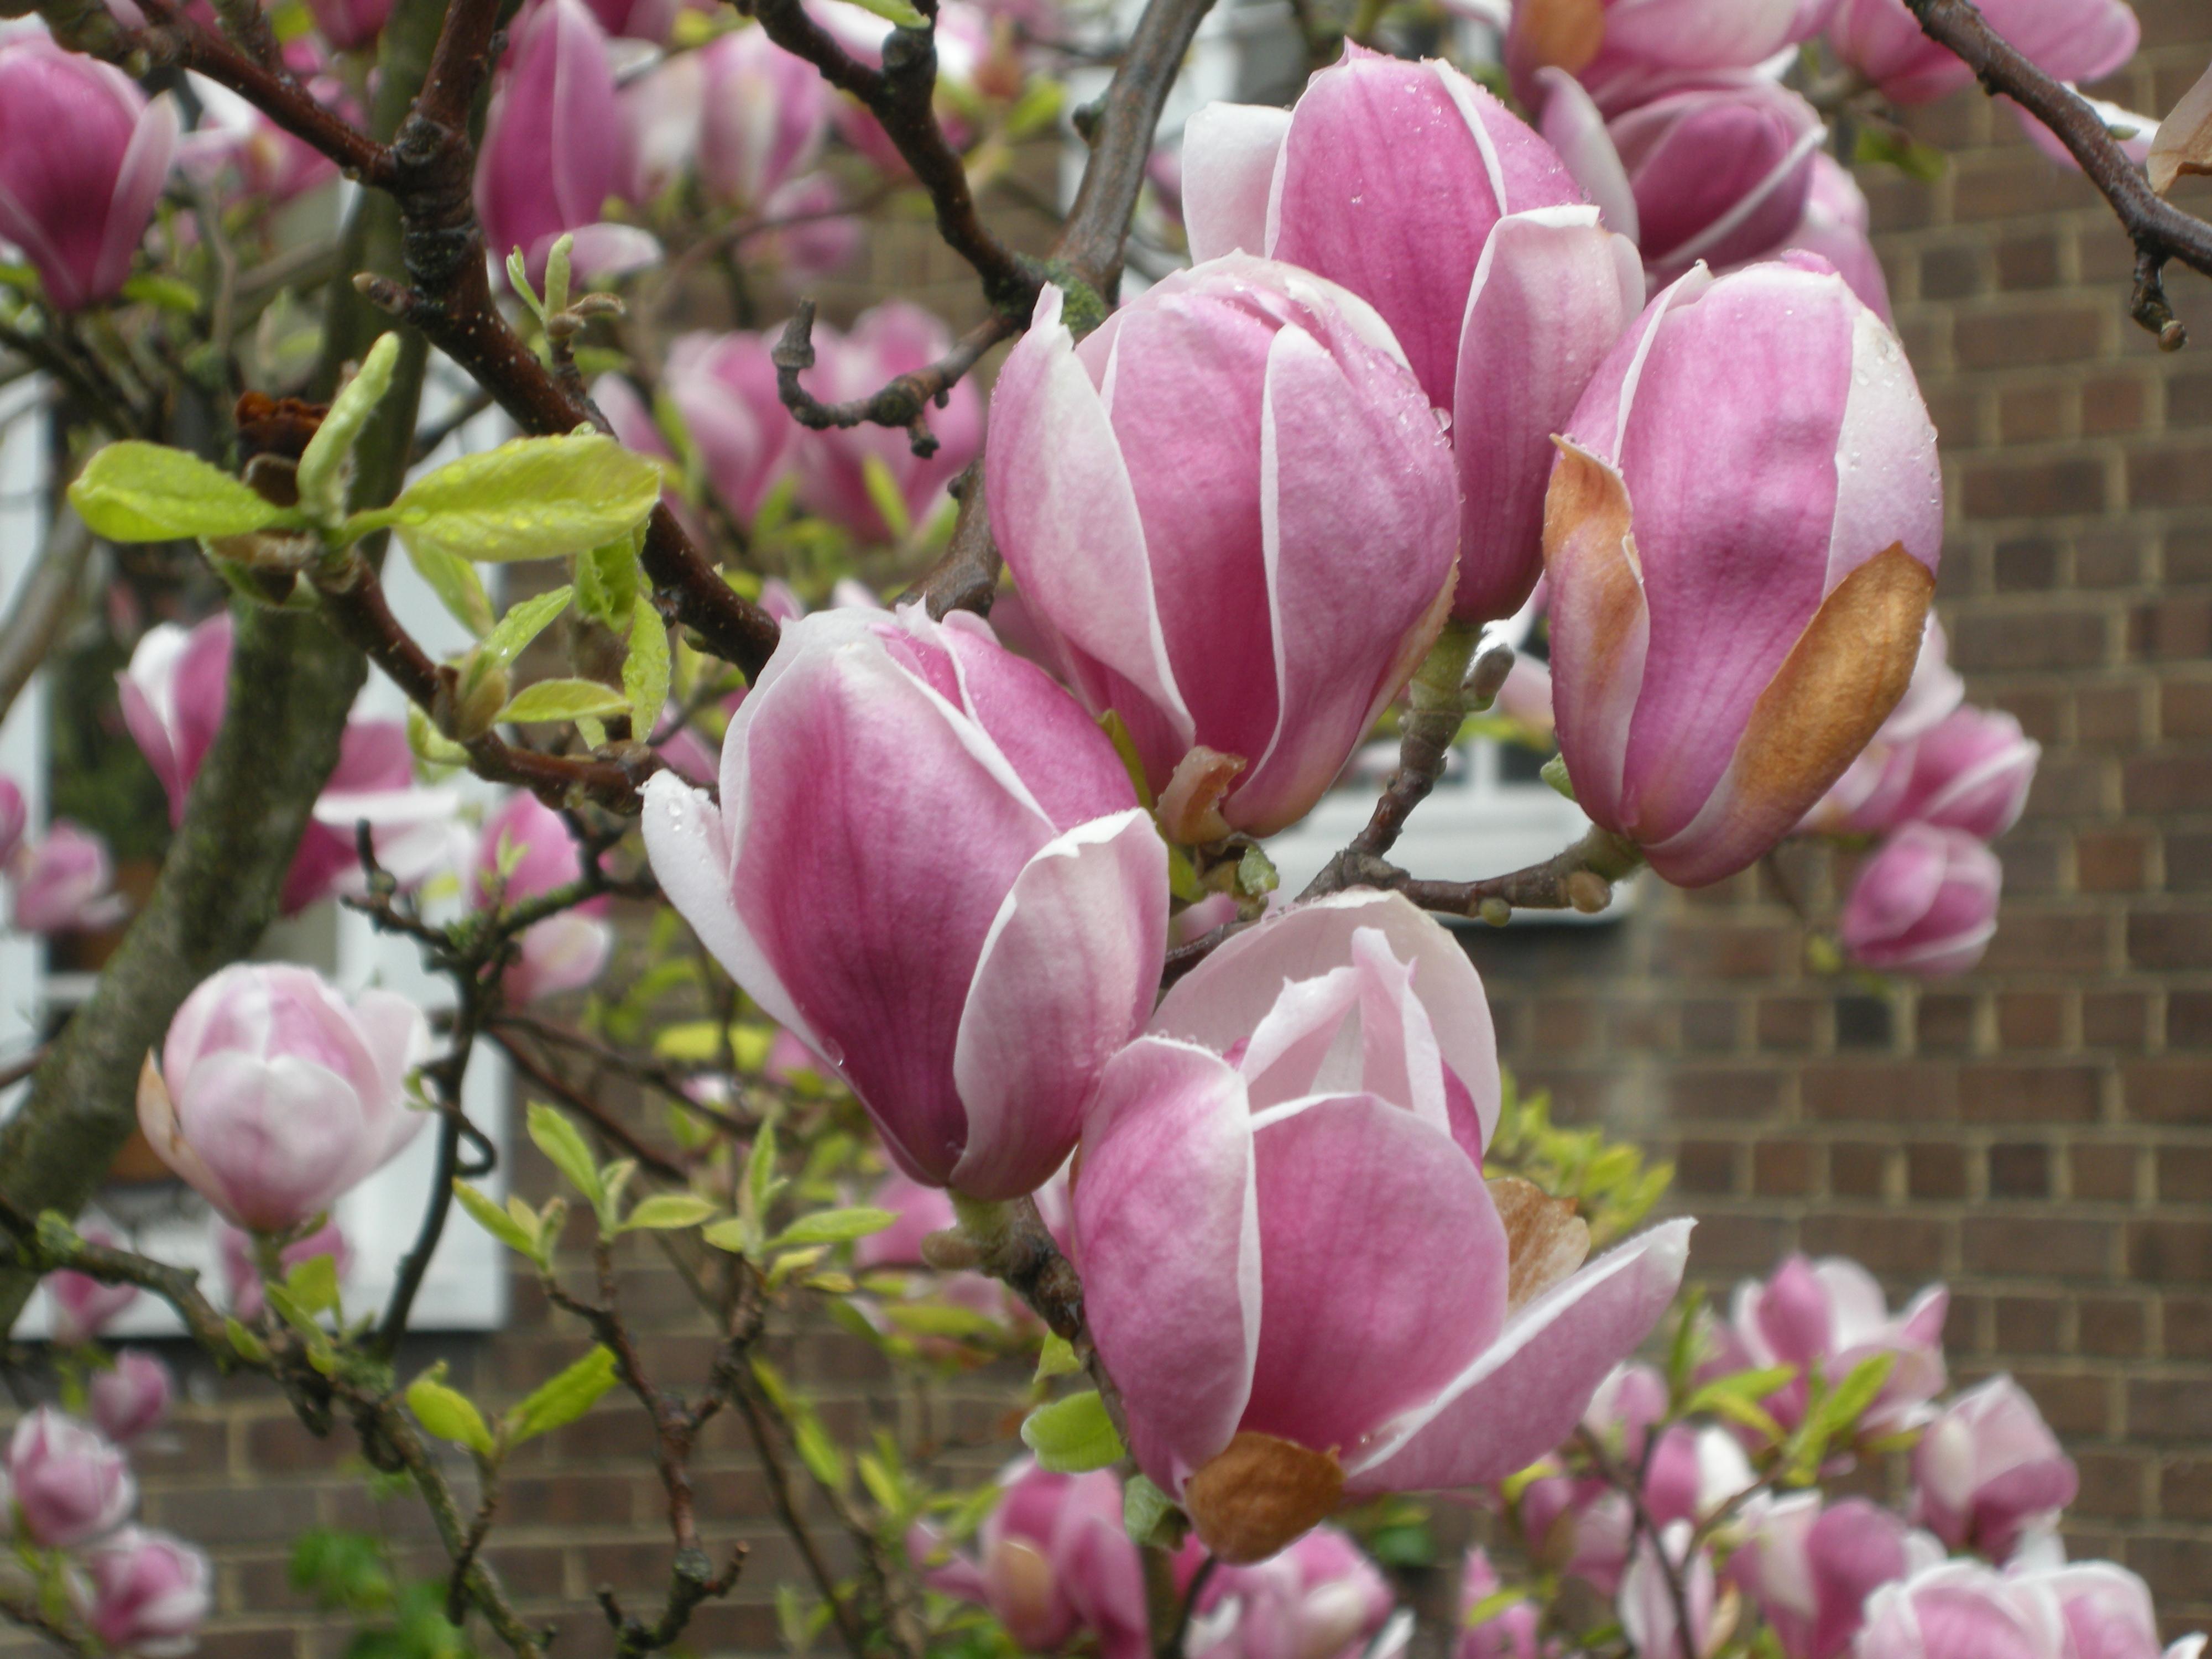 Magnolia Soulangeana Foliage Magnolia soulangiana flower Magnolia